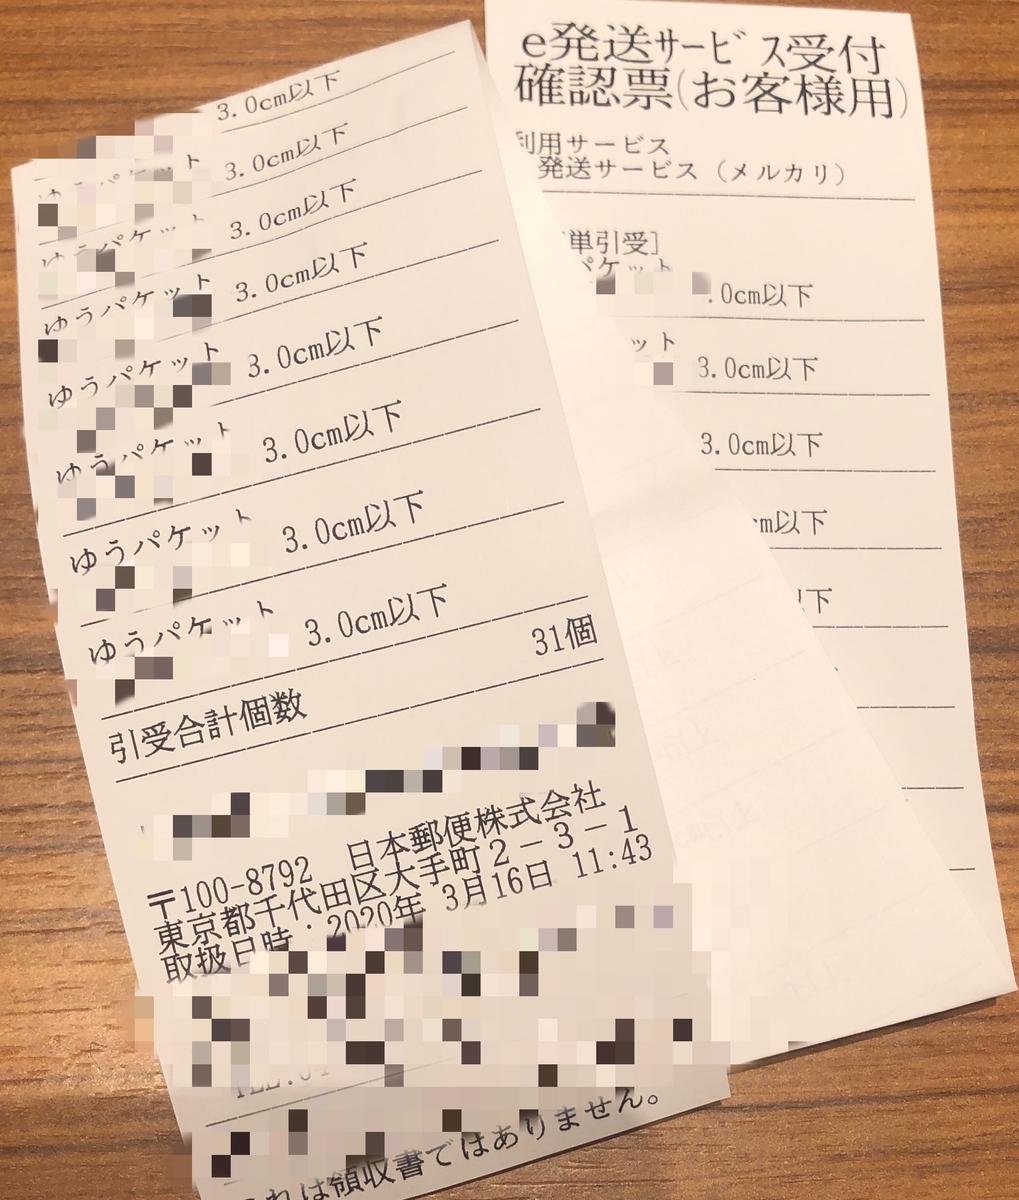 f:id:hiroko0731:20200317004817j:plain